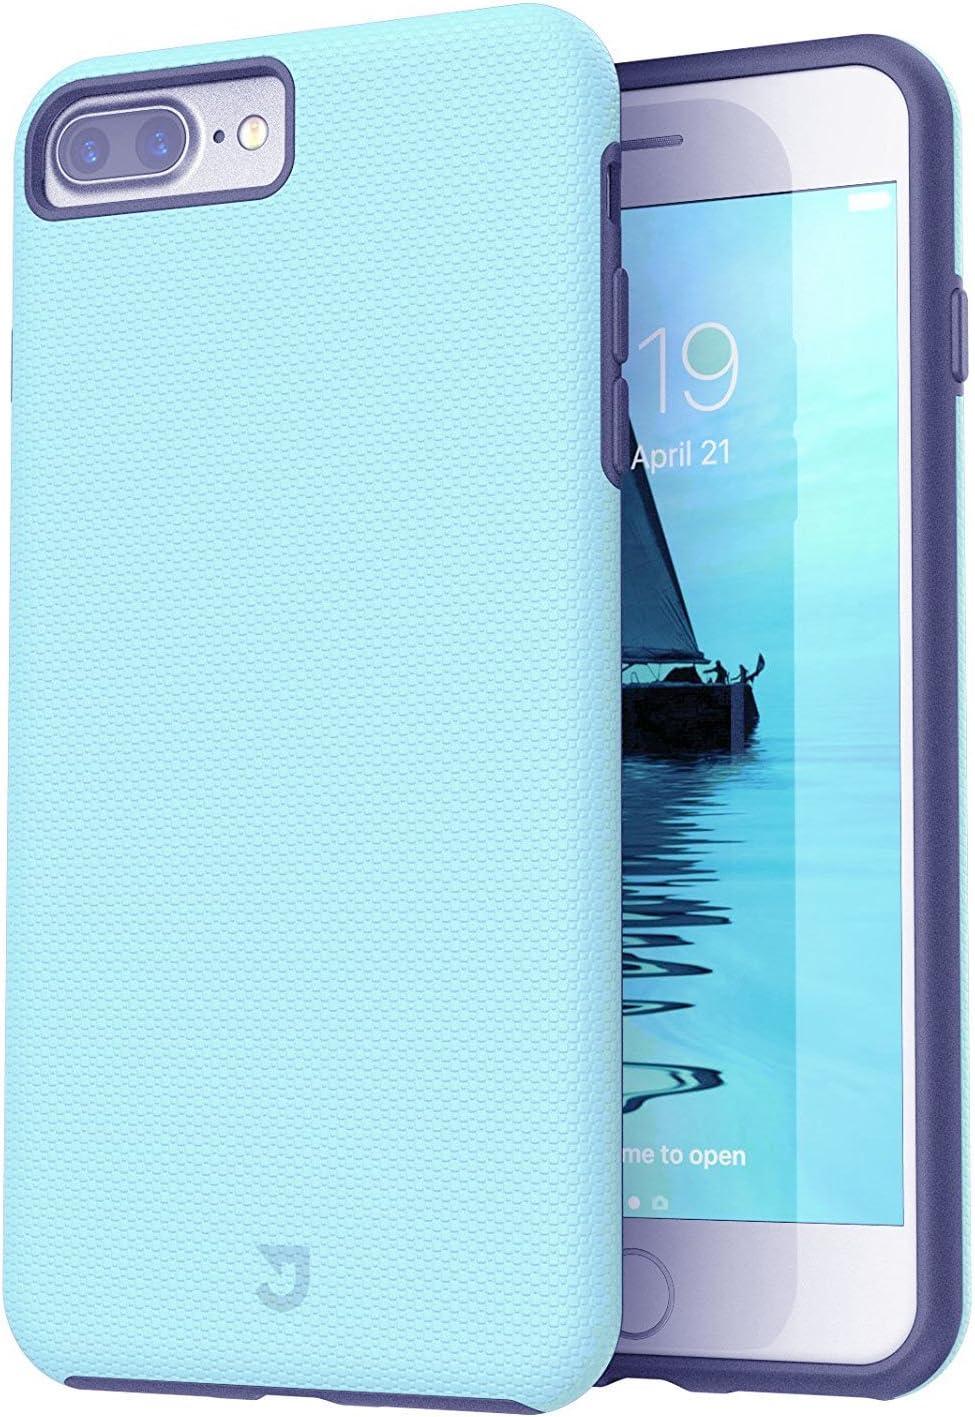 iPhone 8 Plus Case, iPhone 7 Plus Case, Rugged Shock Modern Slim Non-Slip Grip Cell Phone Cases for Apple iPhone 8 Plus (Aqua)